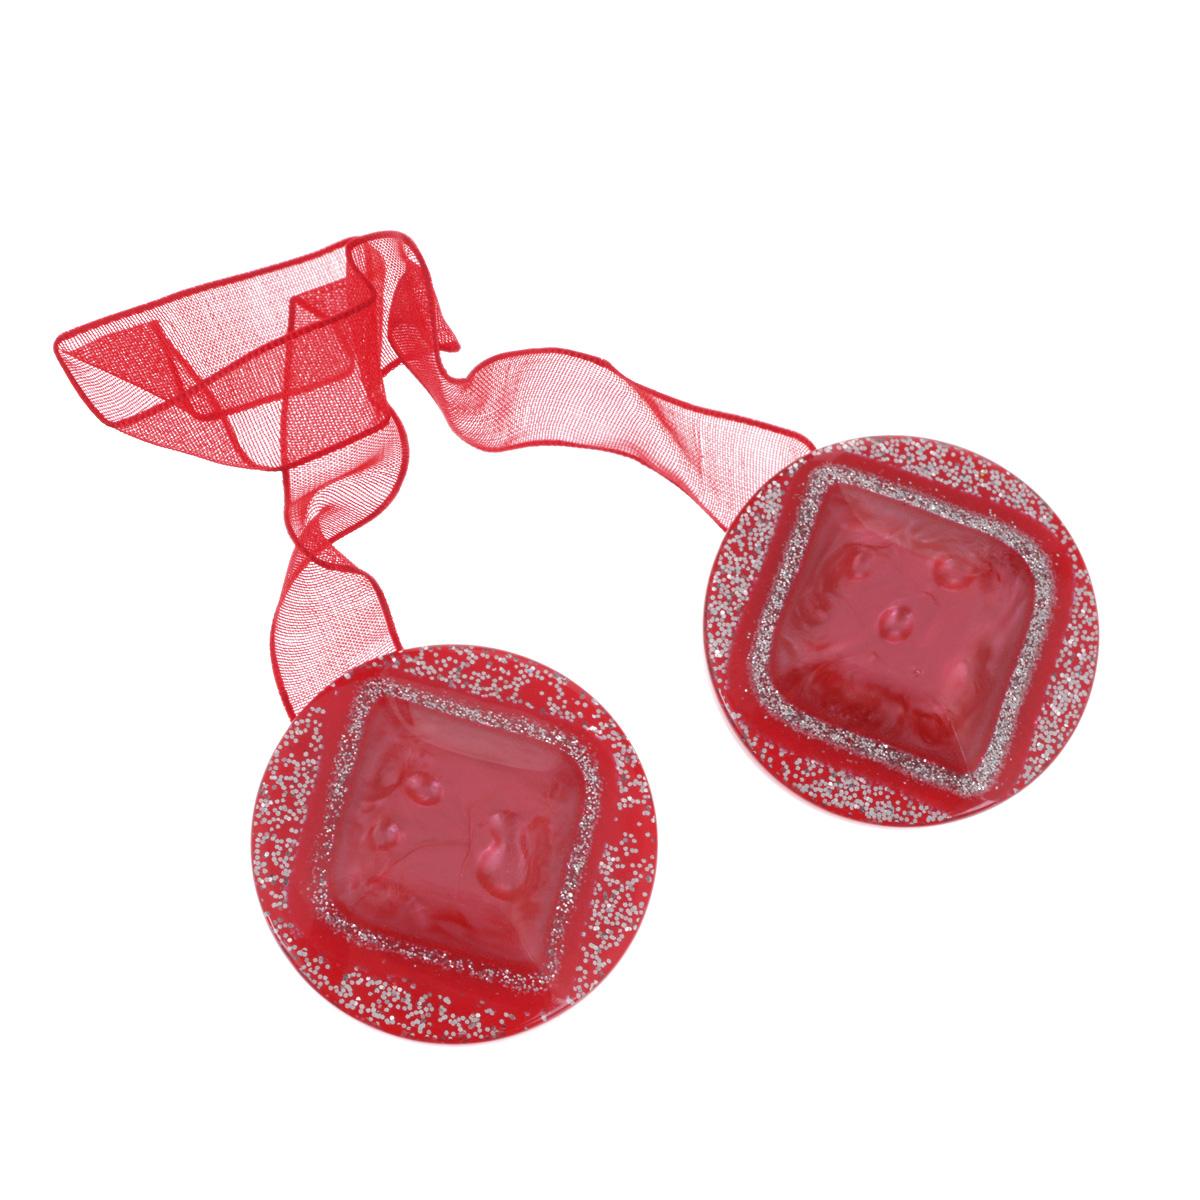 Клипса-магнит для штор Calamita Fiore, цвет: красный. 7704019_5727704019_572Клипса-магнит Calamita Fiore, изготовленная из пластика и текстиля, предназначена для придания формы шторам. Изделие, декорированное блестками, представляет собой два магнита круглой формы, расположенные на разных концах текстильной ленты. С помощью такой магнитной клипсы можно зафиксировать портьеры, придать им требуемое положение, сделать складки симметричными или приблизить портьеры, скрепить их. Клипсы для штор являются универсальным изделием, которое превосходно подойдет как для штор в детской комнате, так и для штор в гостиной. Следует отметить, что клипсы для штор выполняют не только практическую функцию, но также являются одной из основных деталей декора этого изделия, которая придает шторам восхитительный, стильный внешний вид. Материал: пластик, магнит, полиэстер. Диаметр клипсы: 4 см. Длина ленты: 28 см.